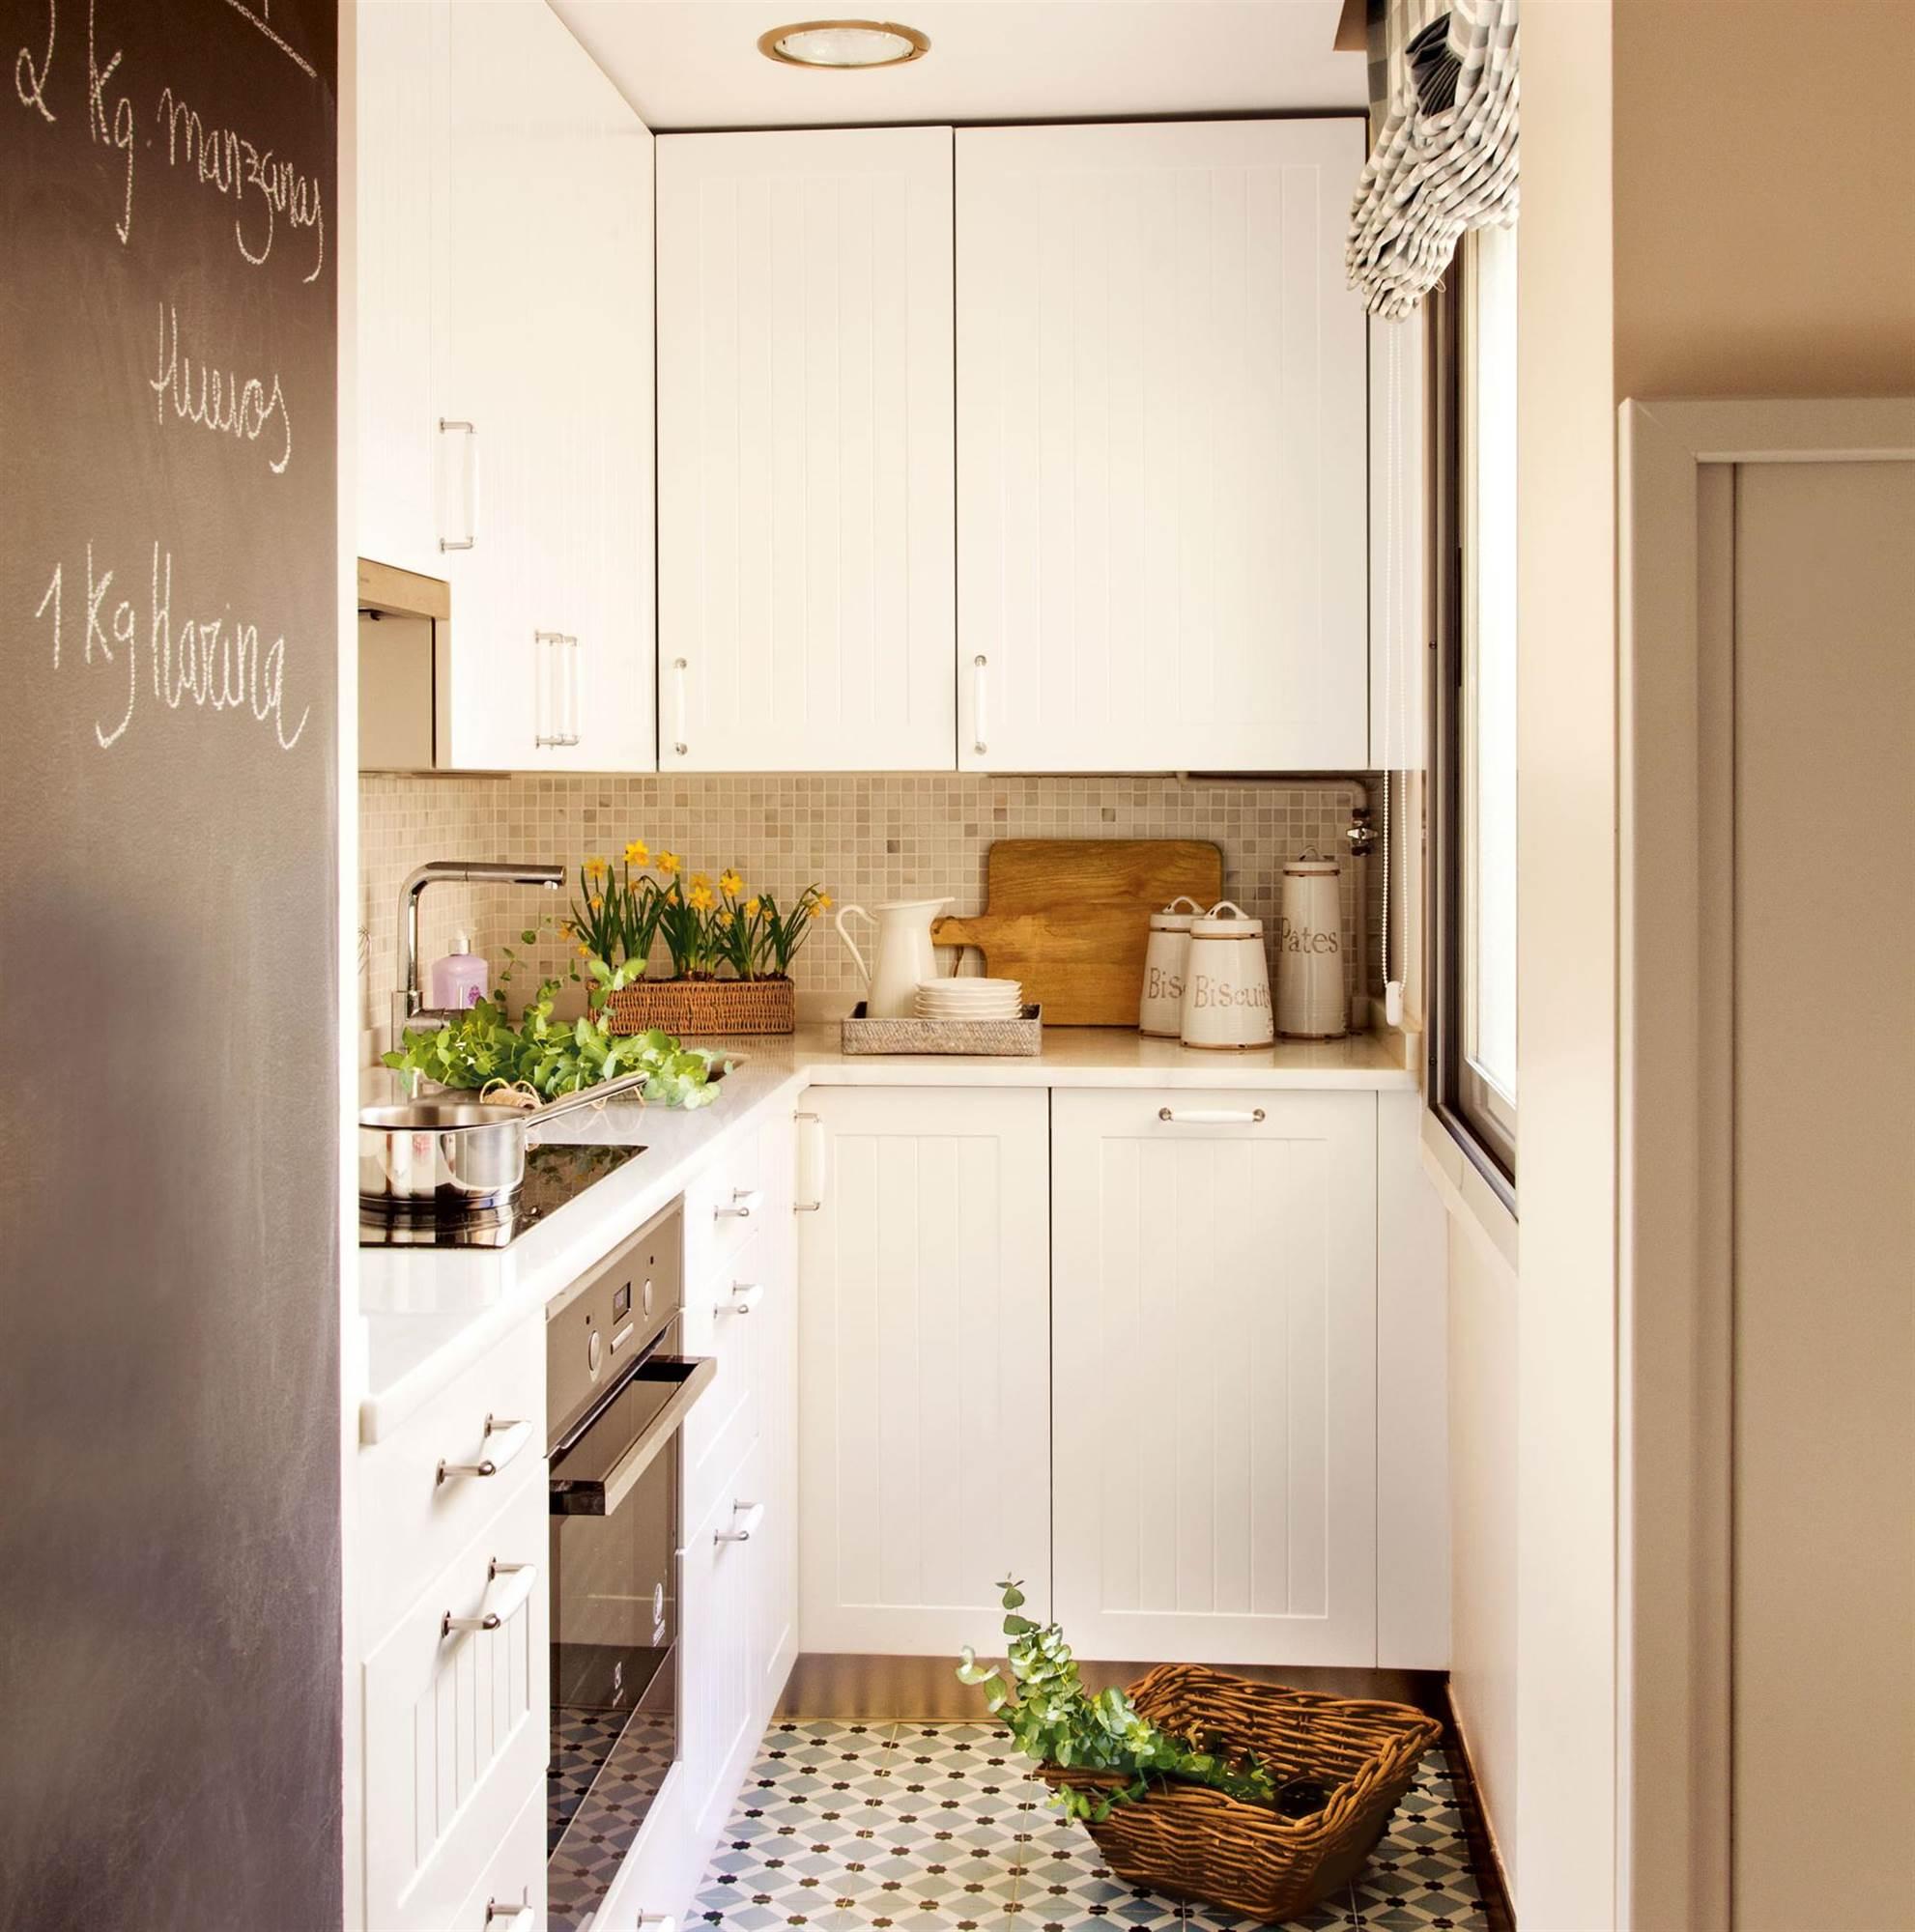 Materiales para el salpicadero de la cocina - Salpicadero cocina ikea ...